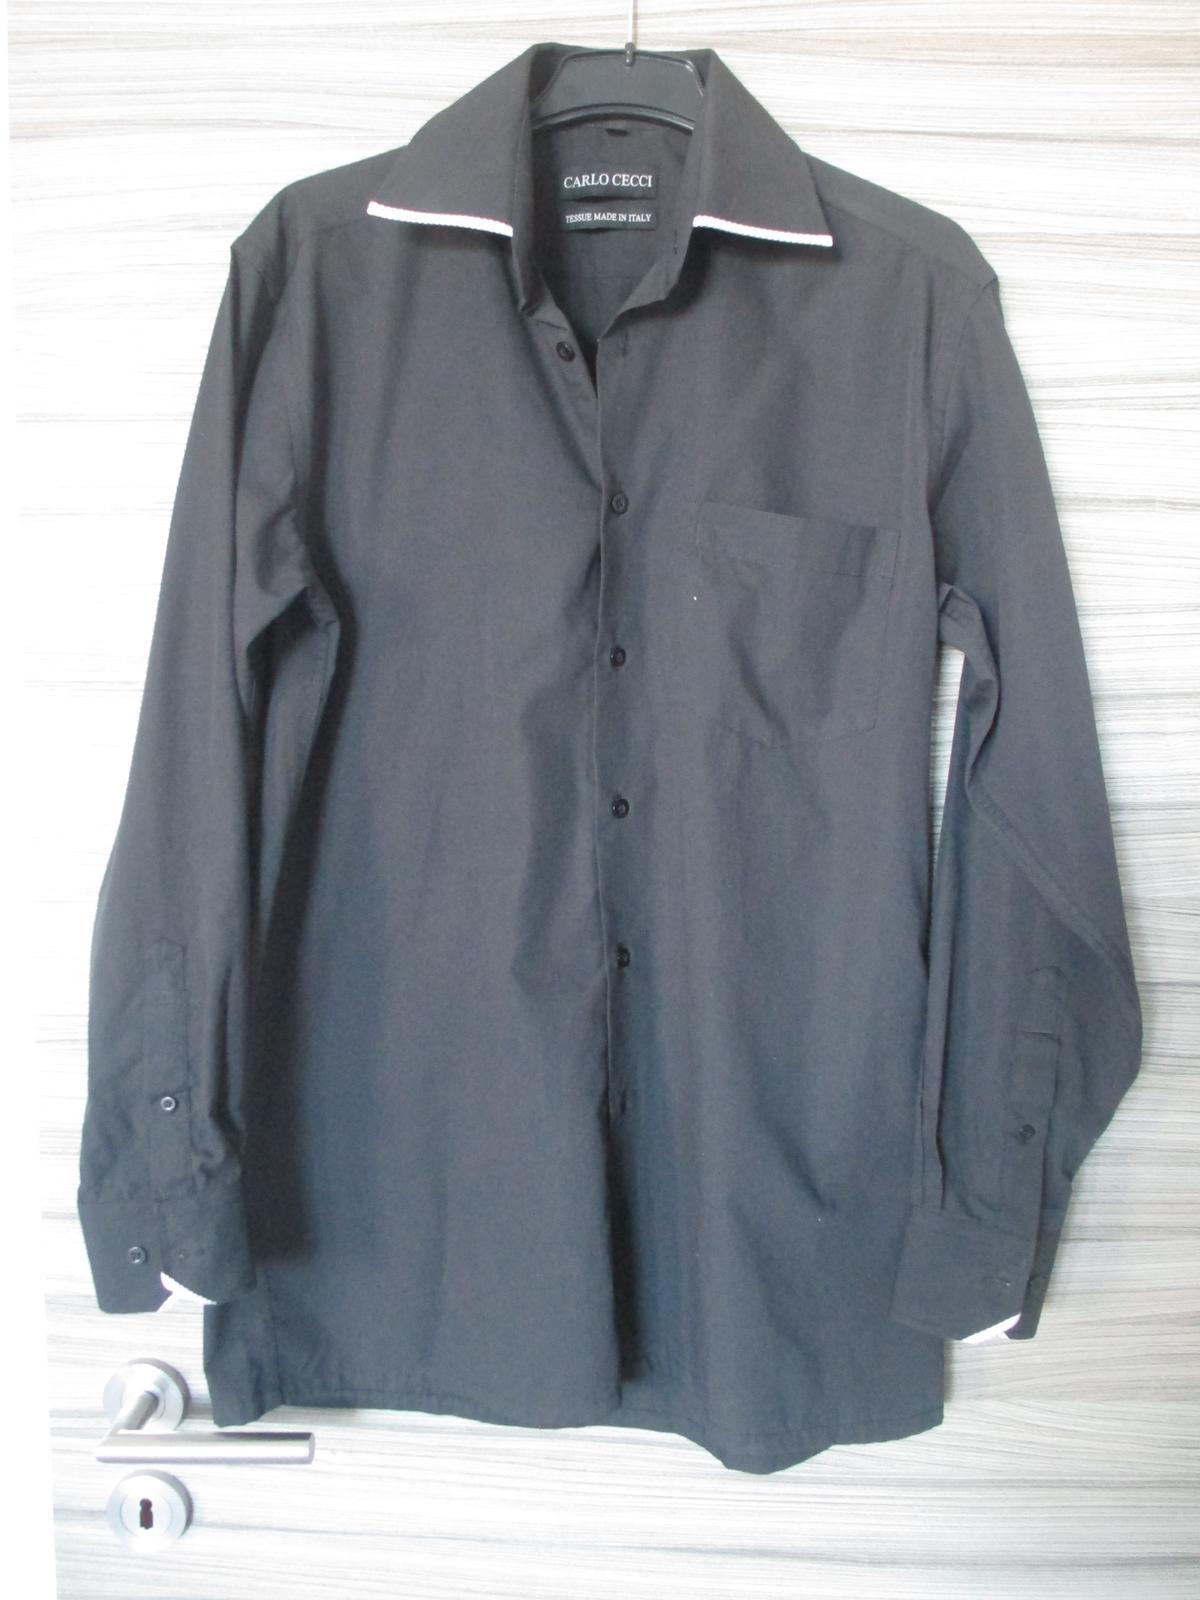 Černá košile s ozdobným límečkem - Obrázek č. 1